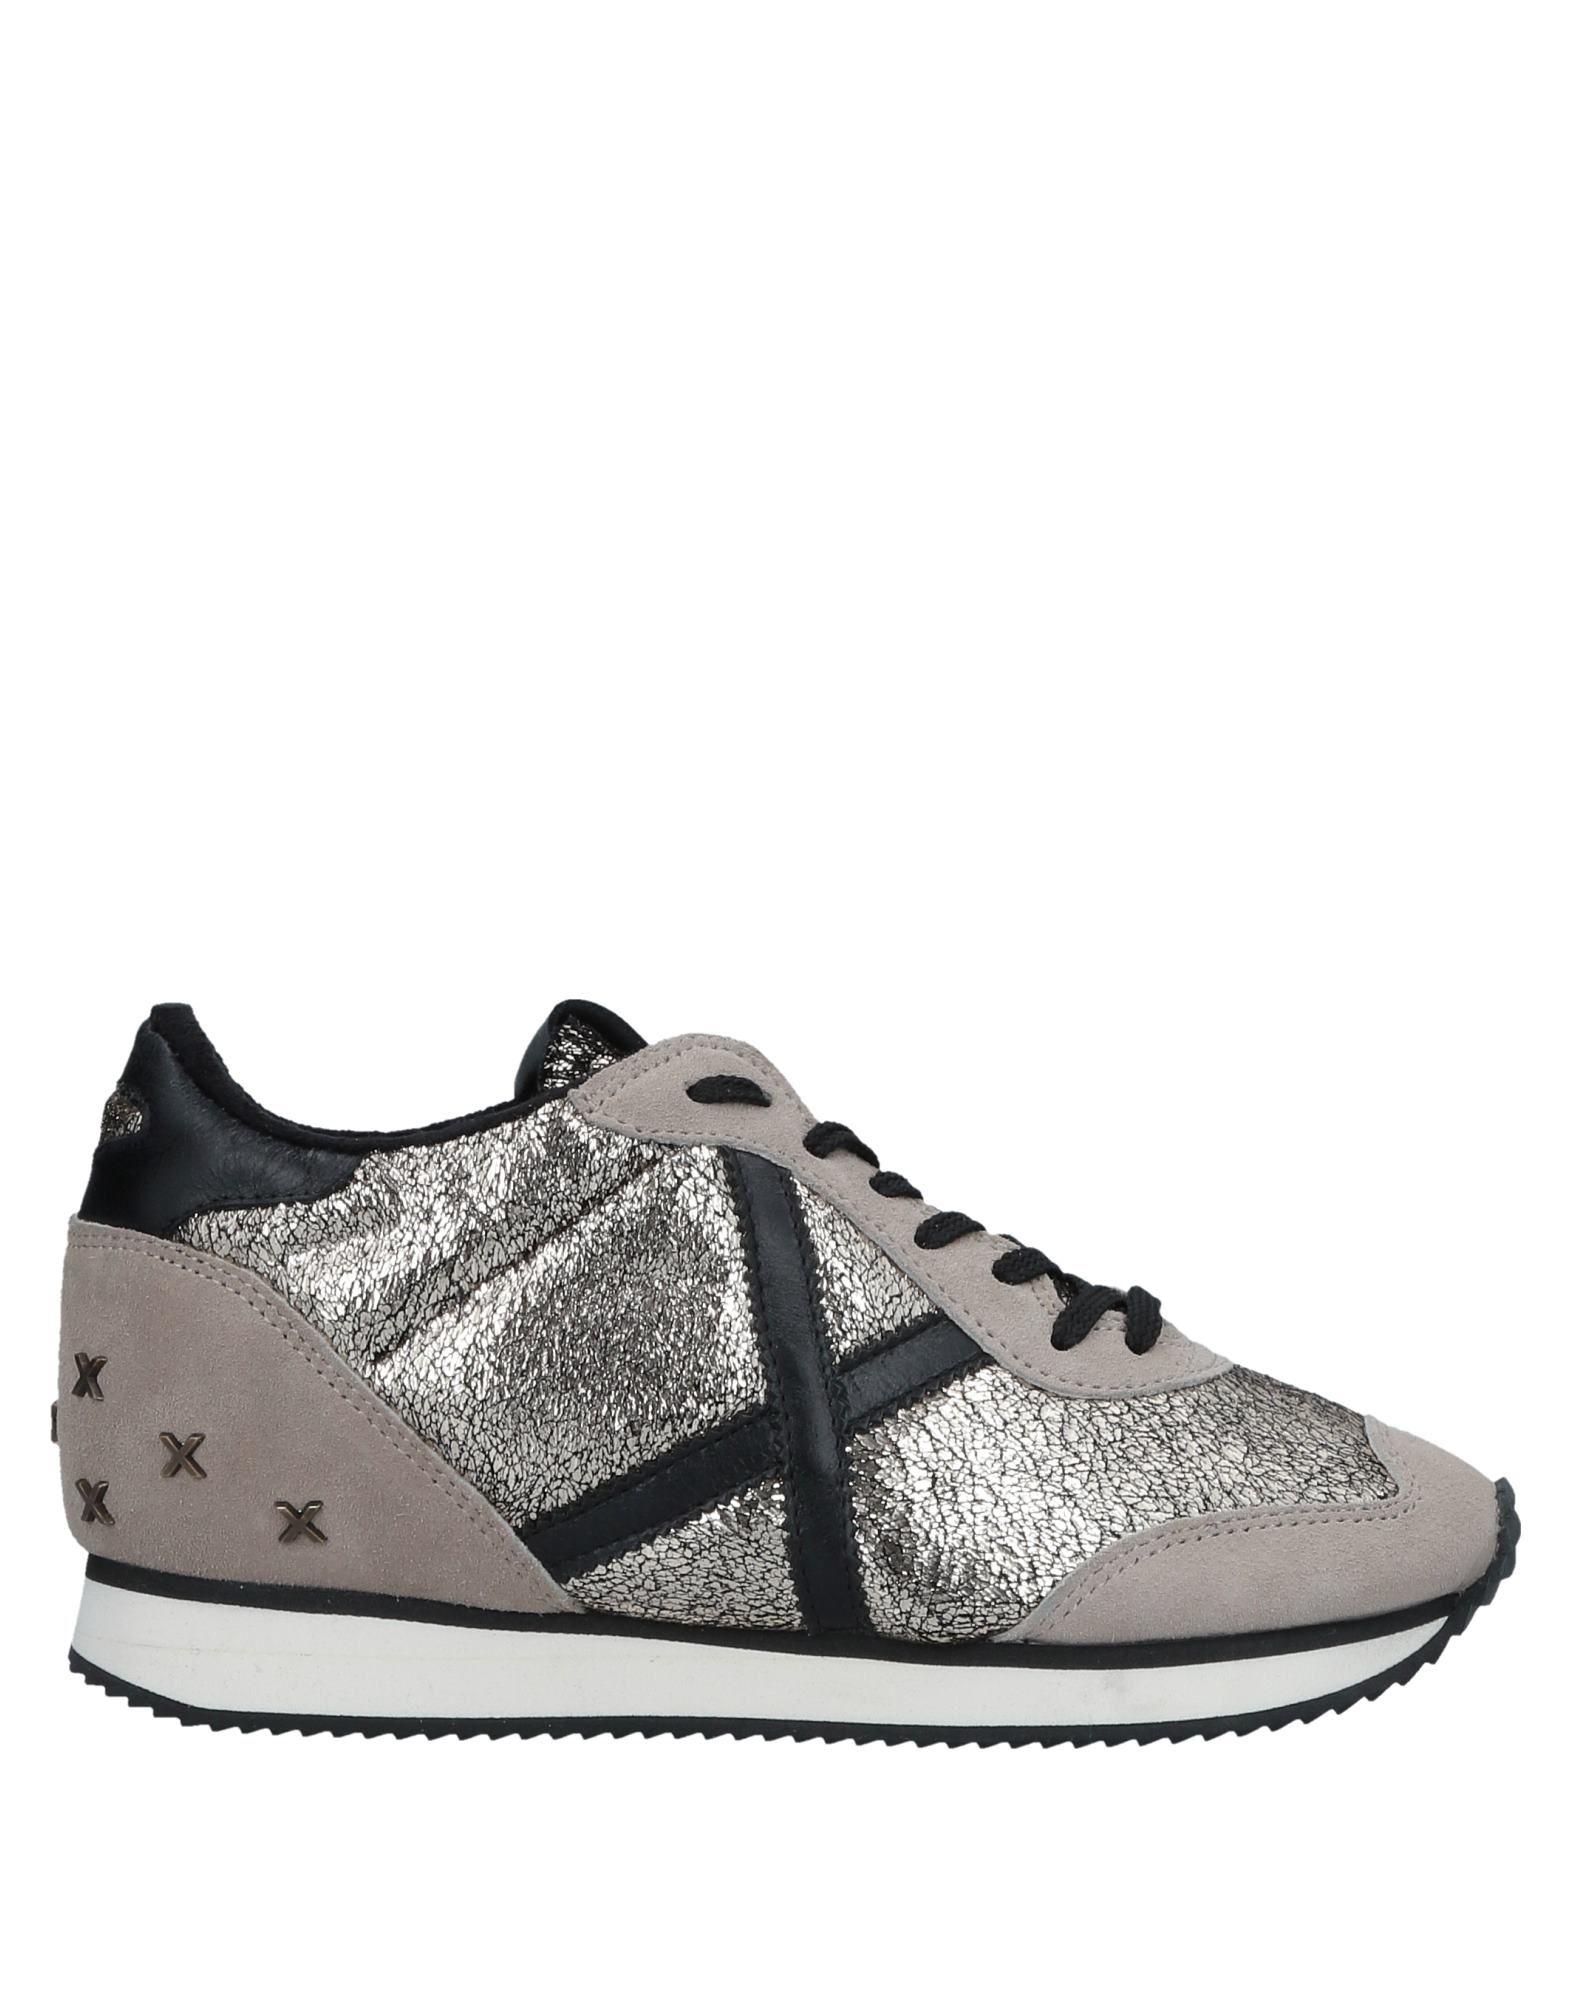 Munich Sneakers Damen  11521806DA Gute Qualität beliebte Schuhe